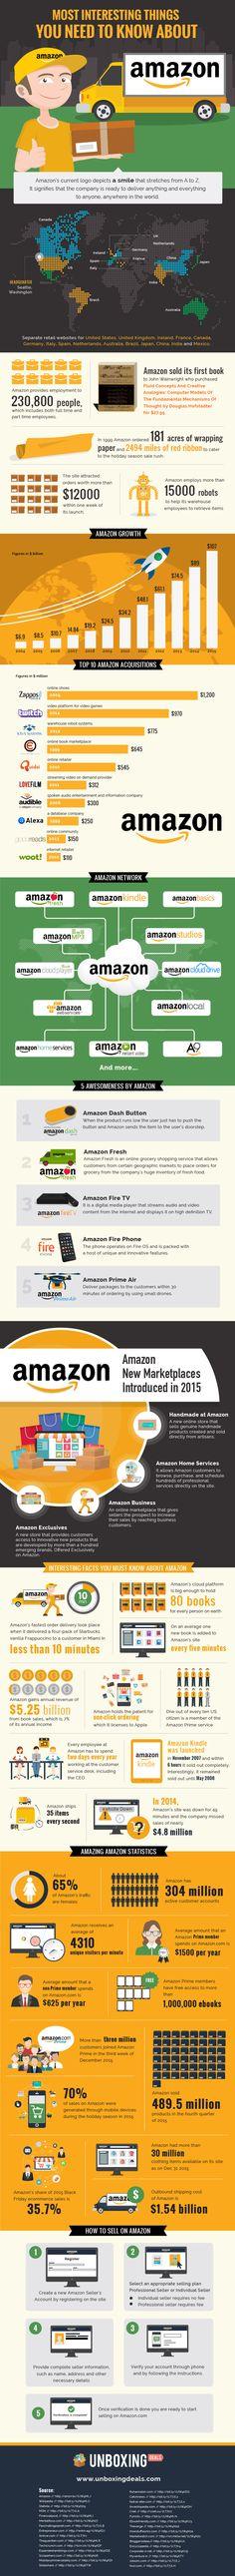 Amazon #infographic